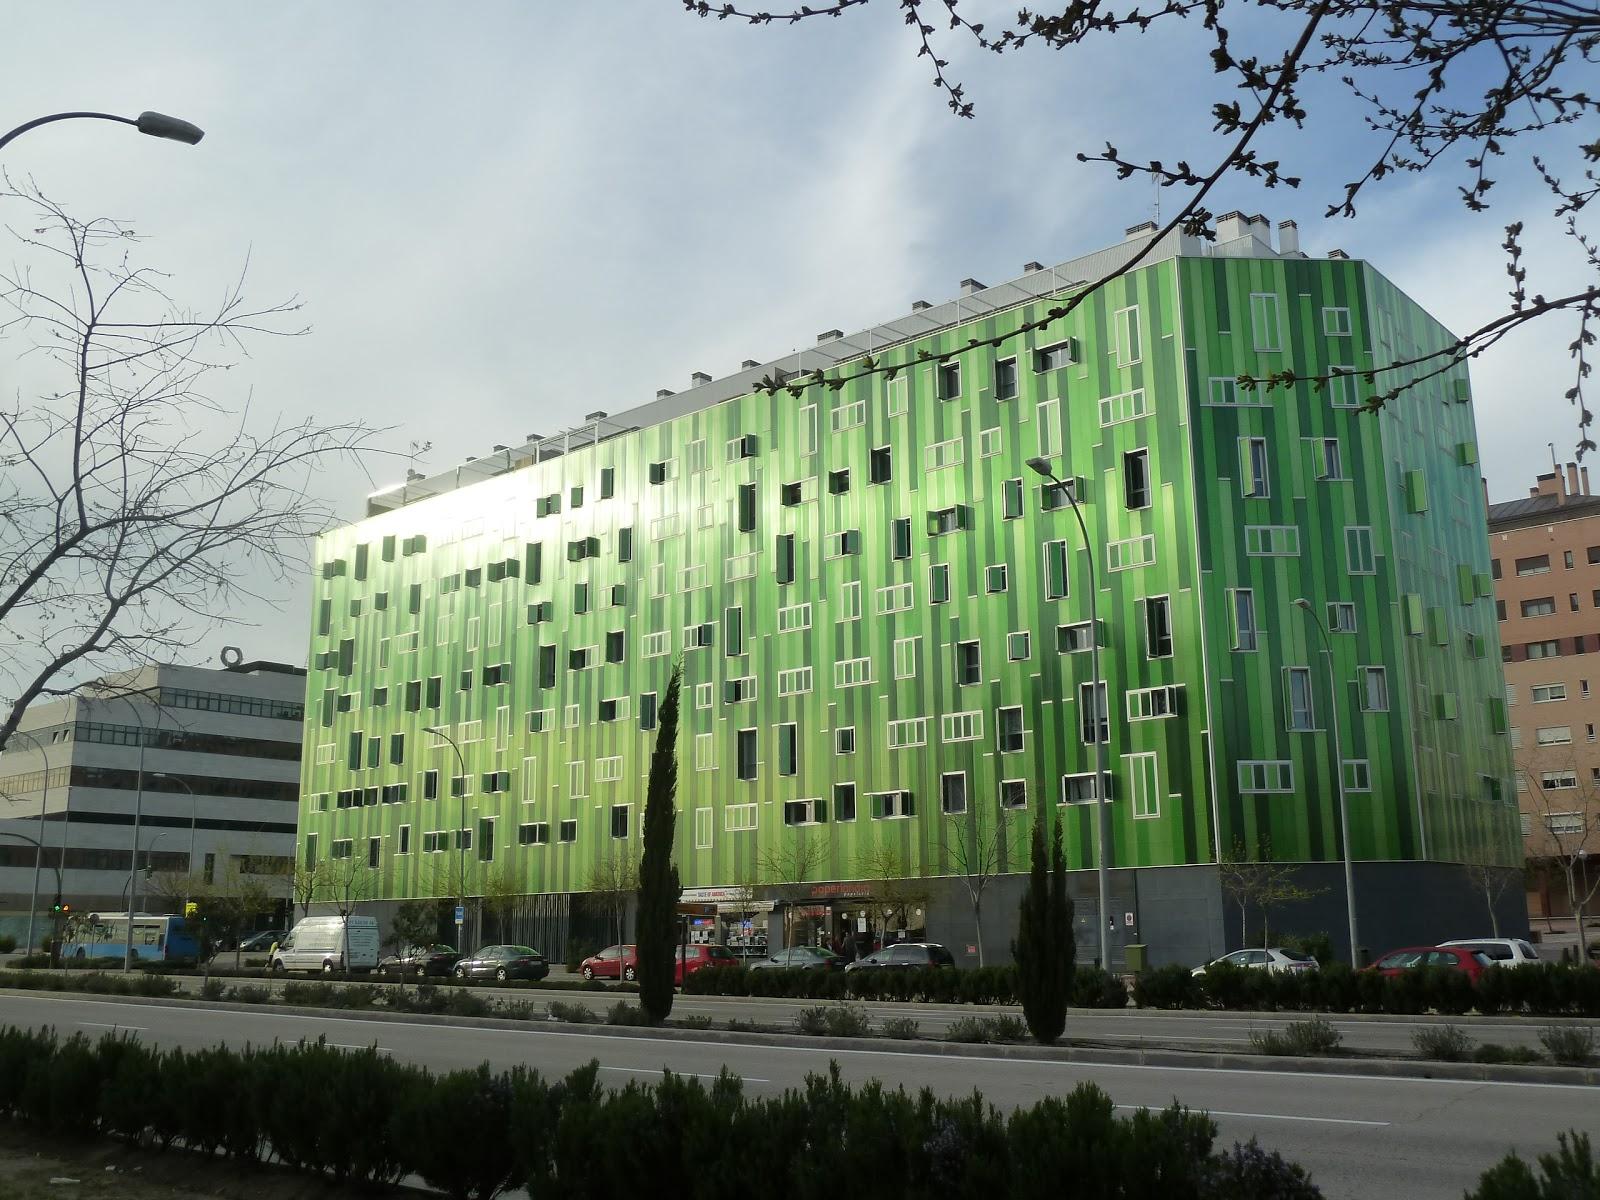 Santamarta arquitectos el edificio verde del ensanche de - Arquitectos madrid 2 0 ...